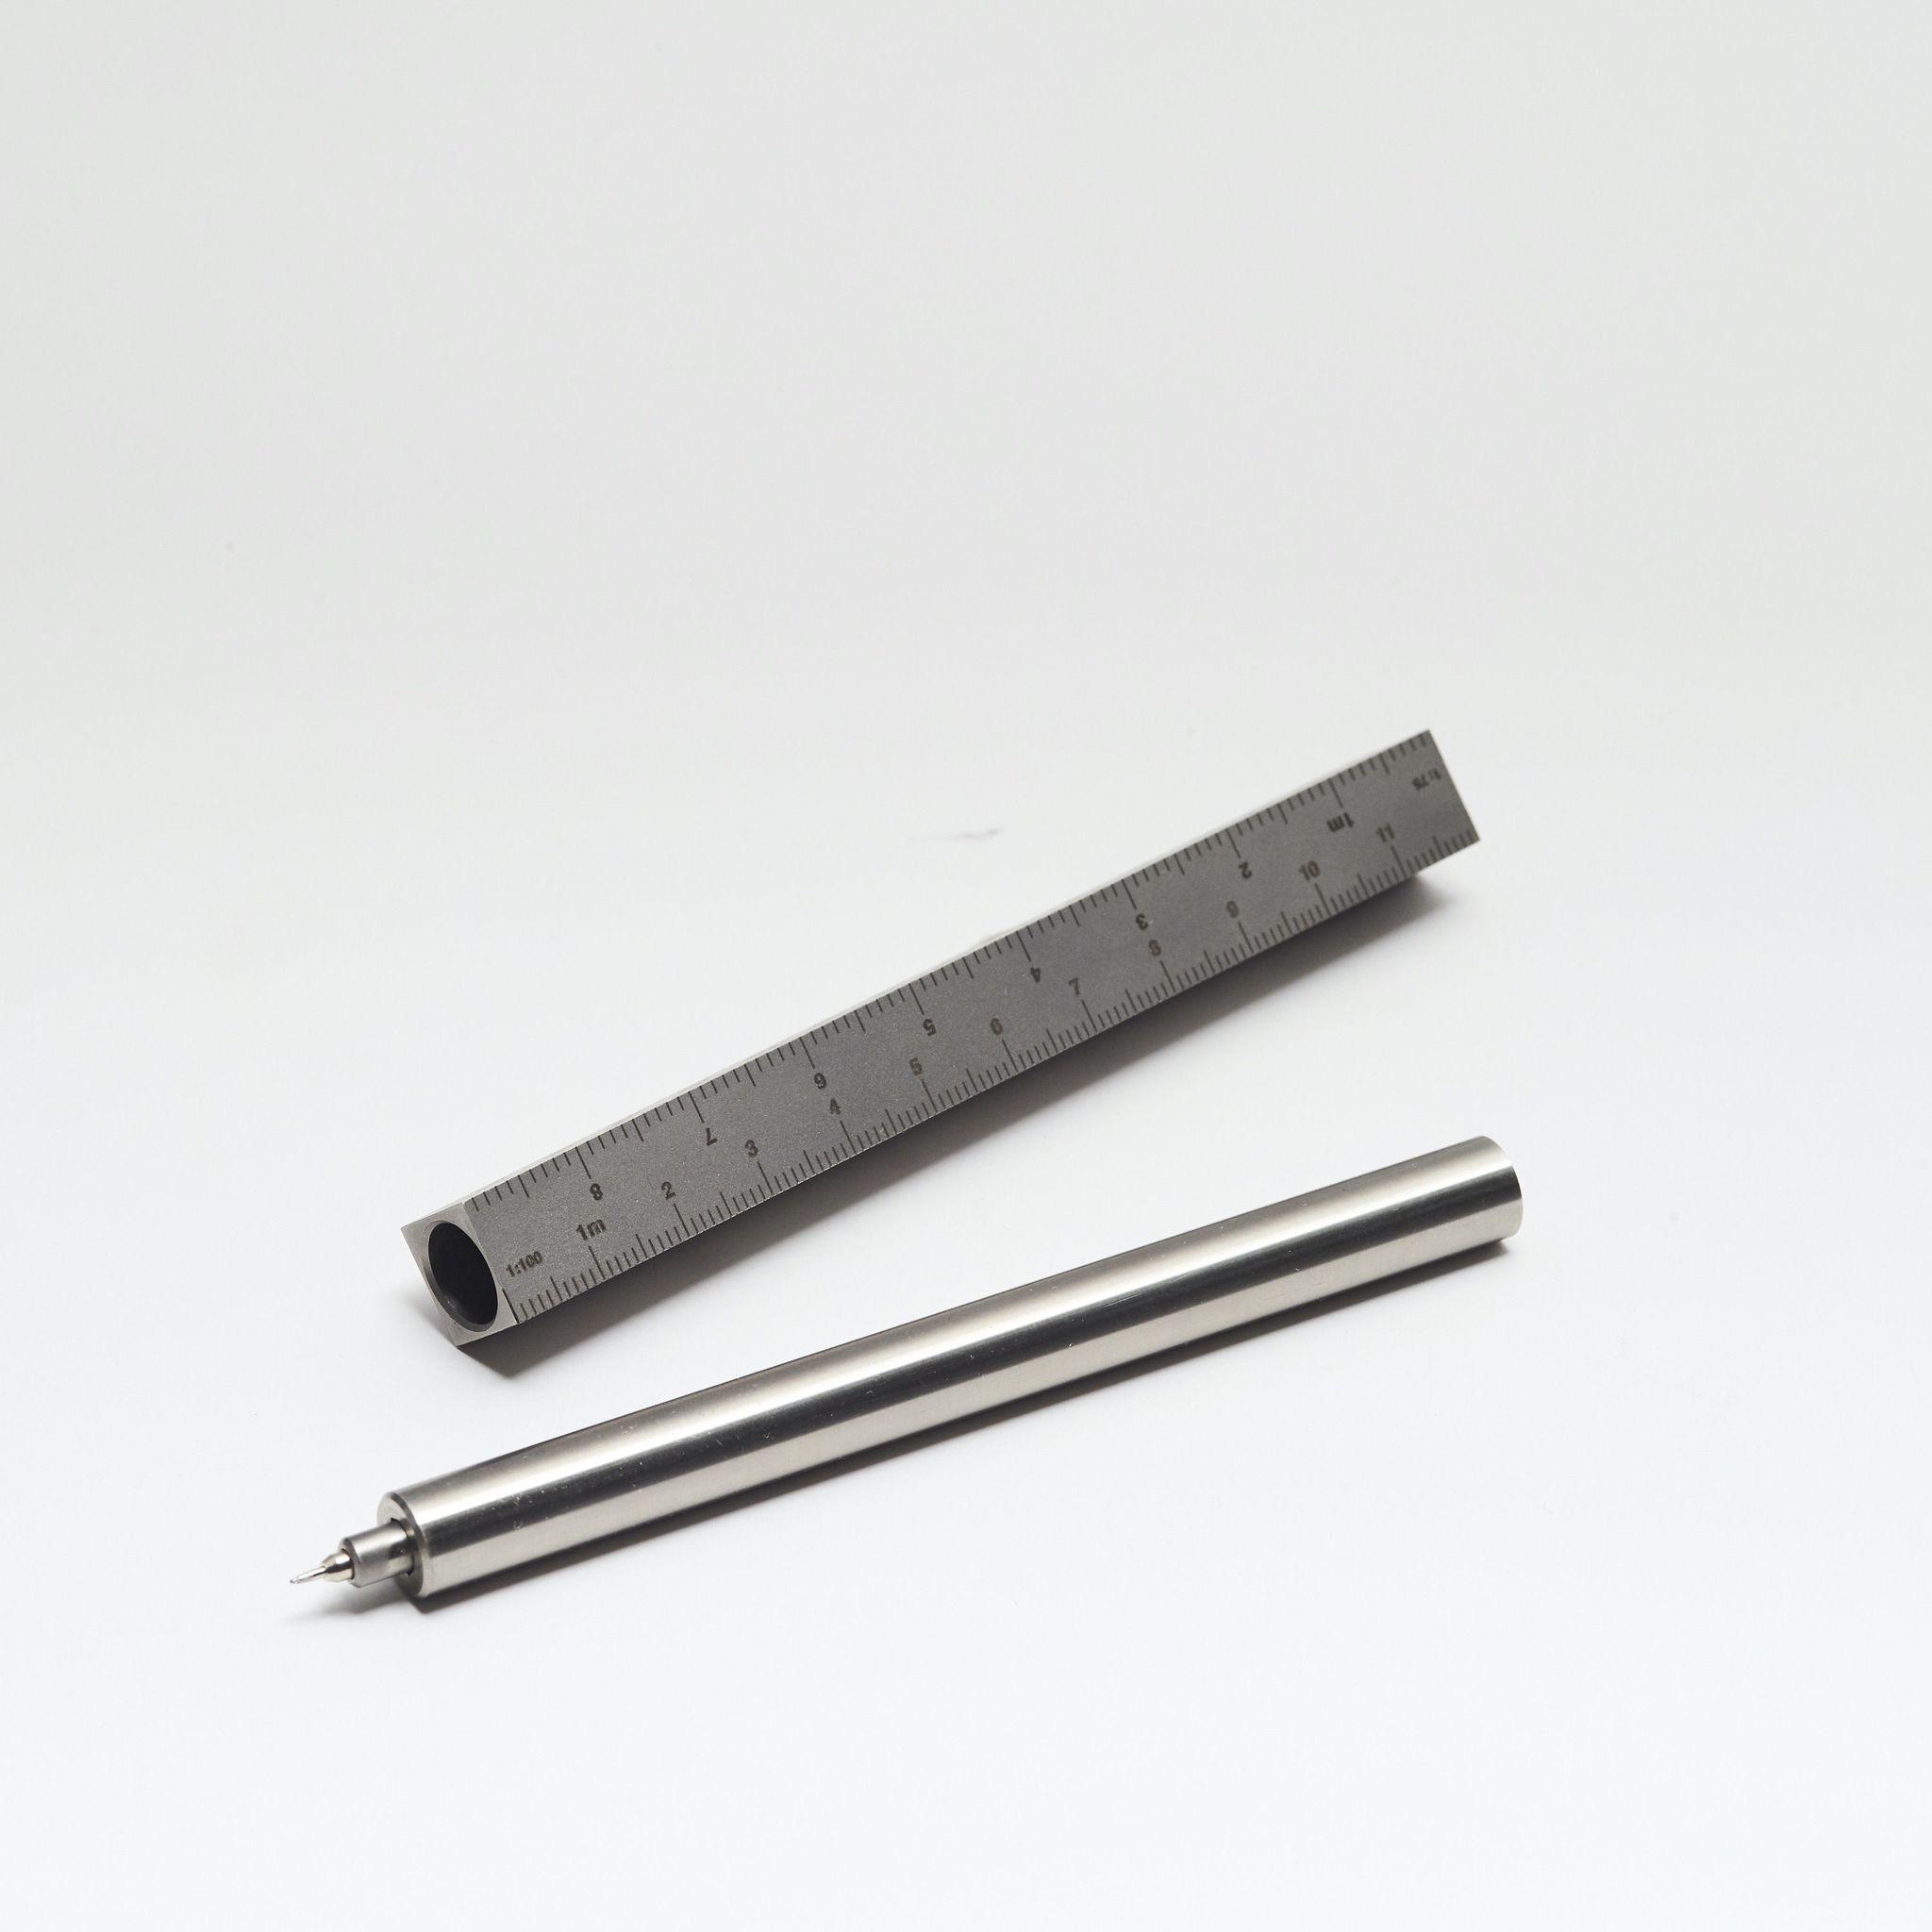 CW&T Ручка-линейка Type-A Architect's Scale